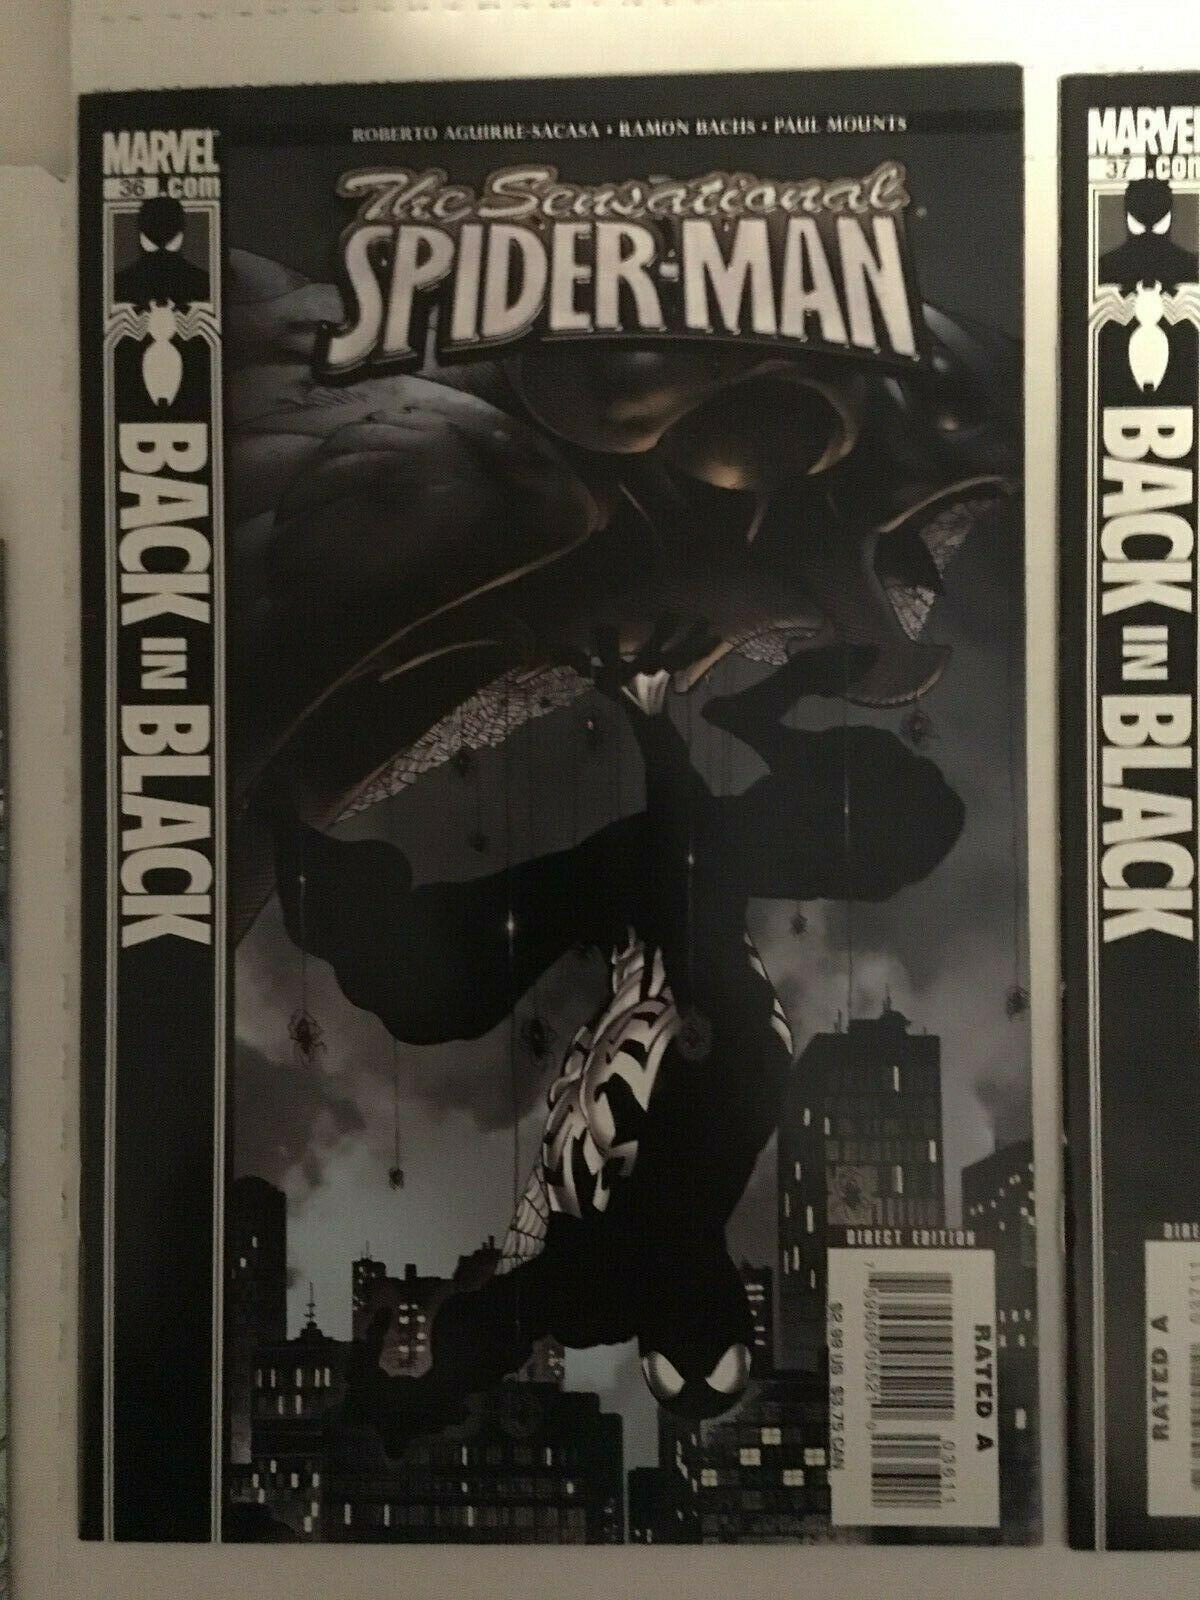 Sensational Spider-Man #35 36 37 38 Marvel Comic Book Lot VF+ Back In Black 2007